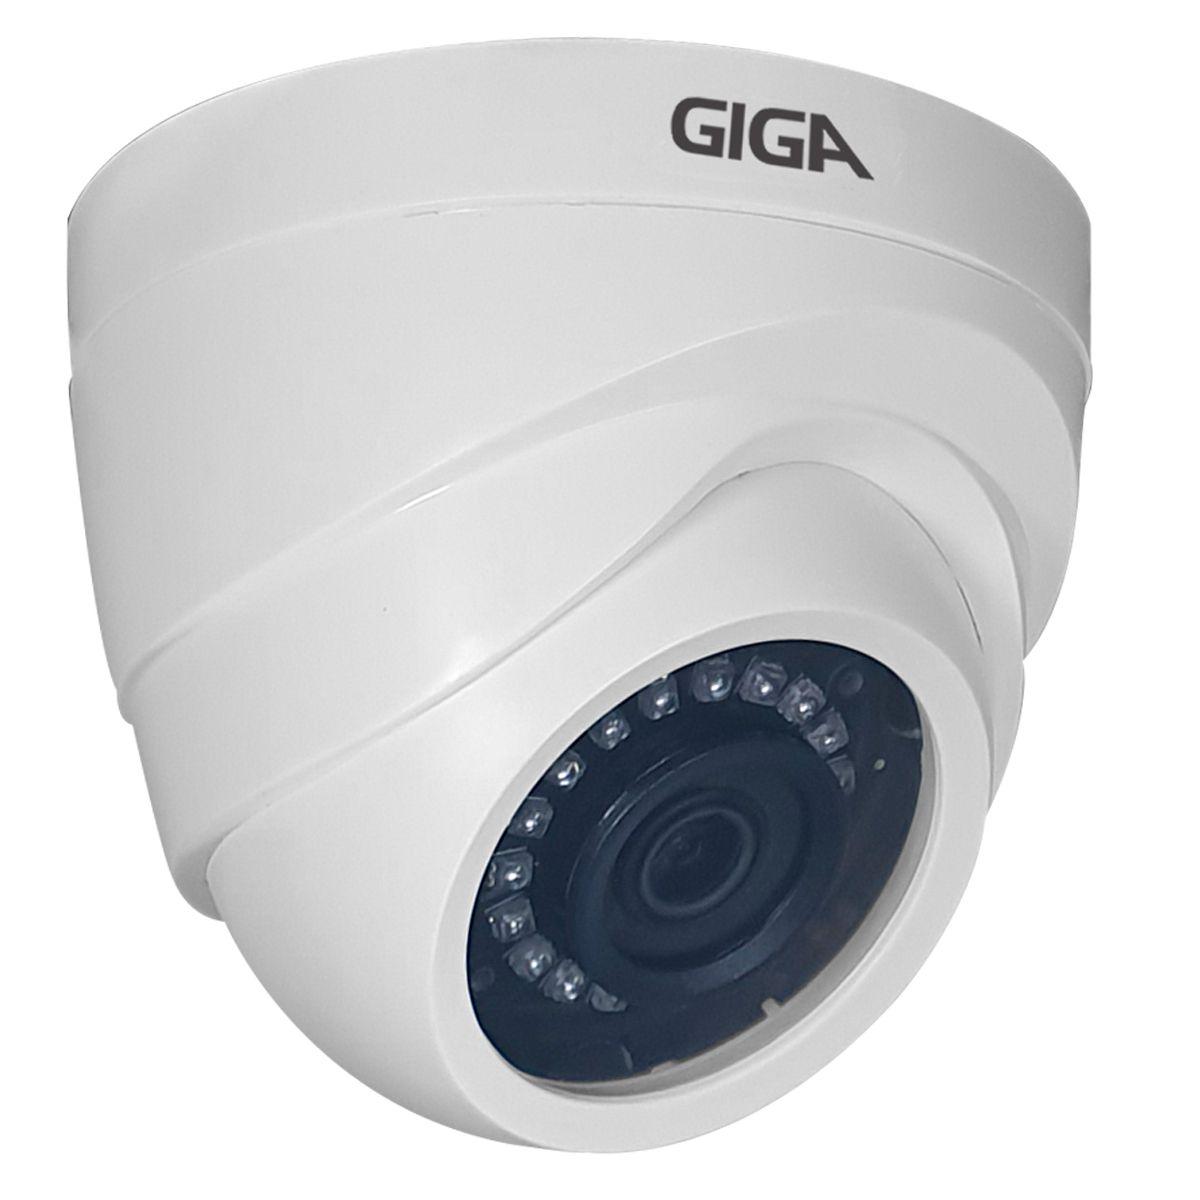 Kit Giga Security 4 Câmeras HD 720p GS0019 + DVR Lite + Acessórios  - Tudo Forte